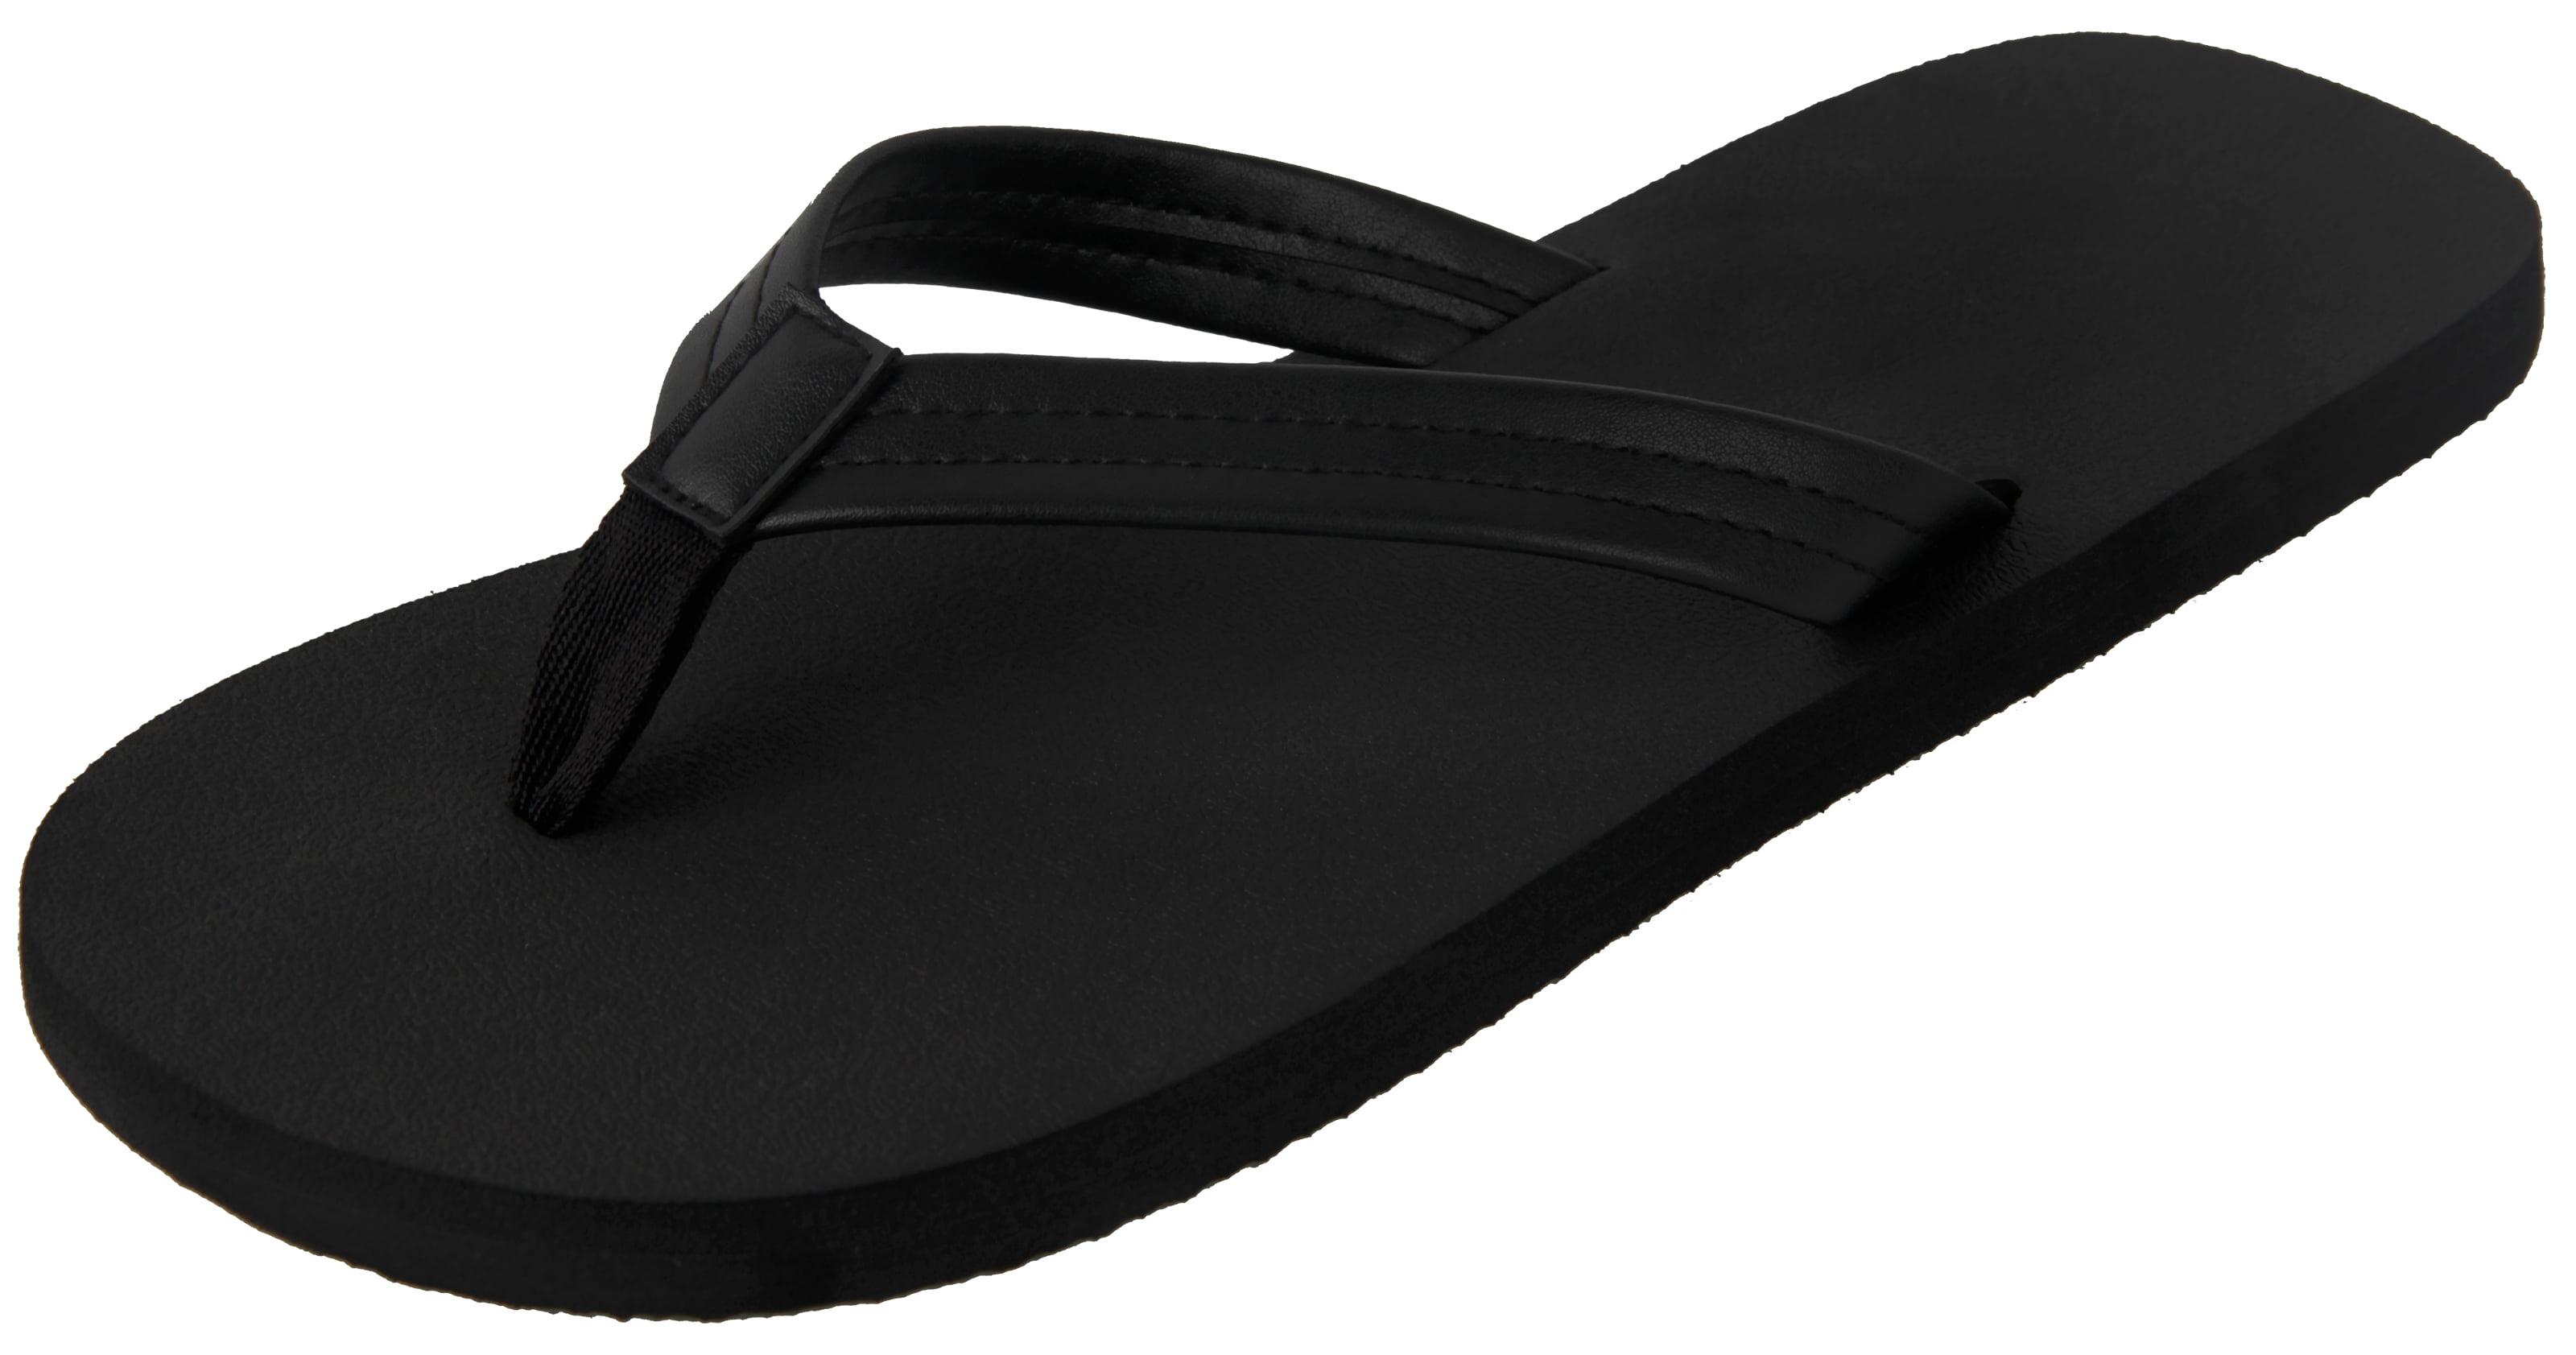 iLoveSIA Mens Flip-Flops Thongs Sandal Lightweight Slipper